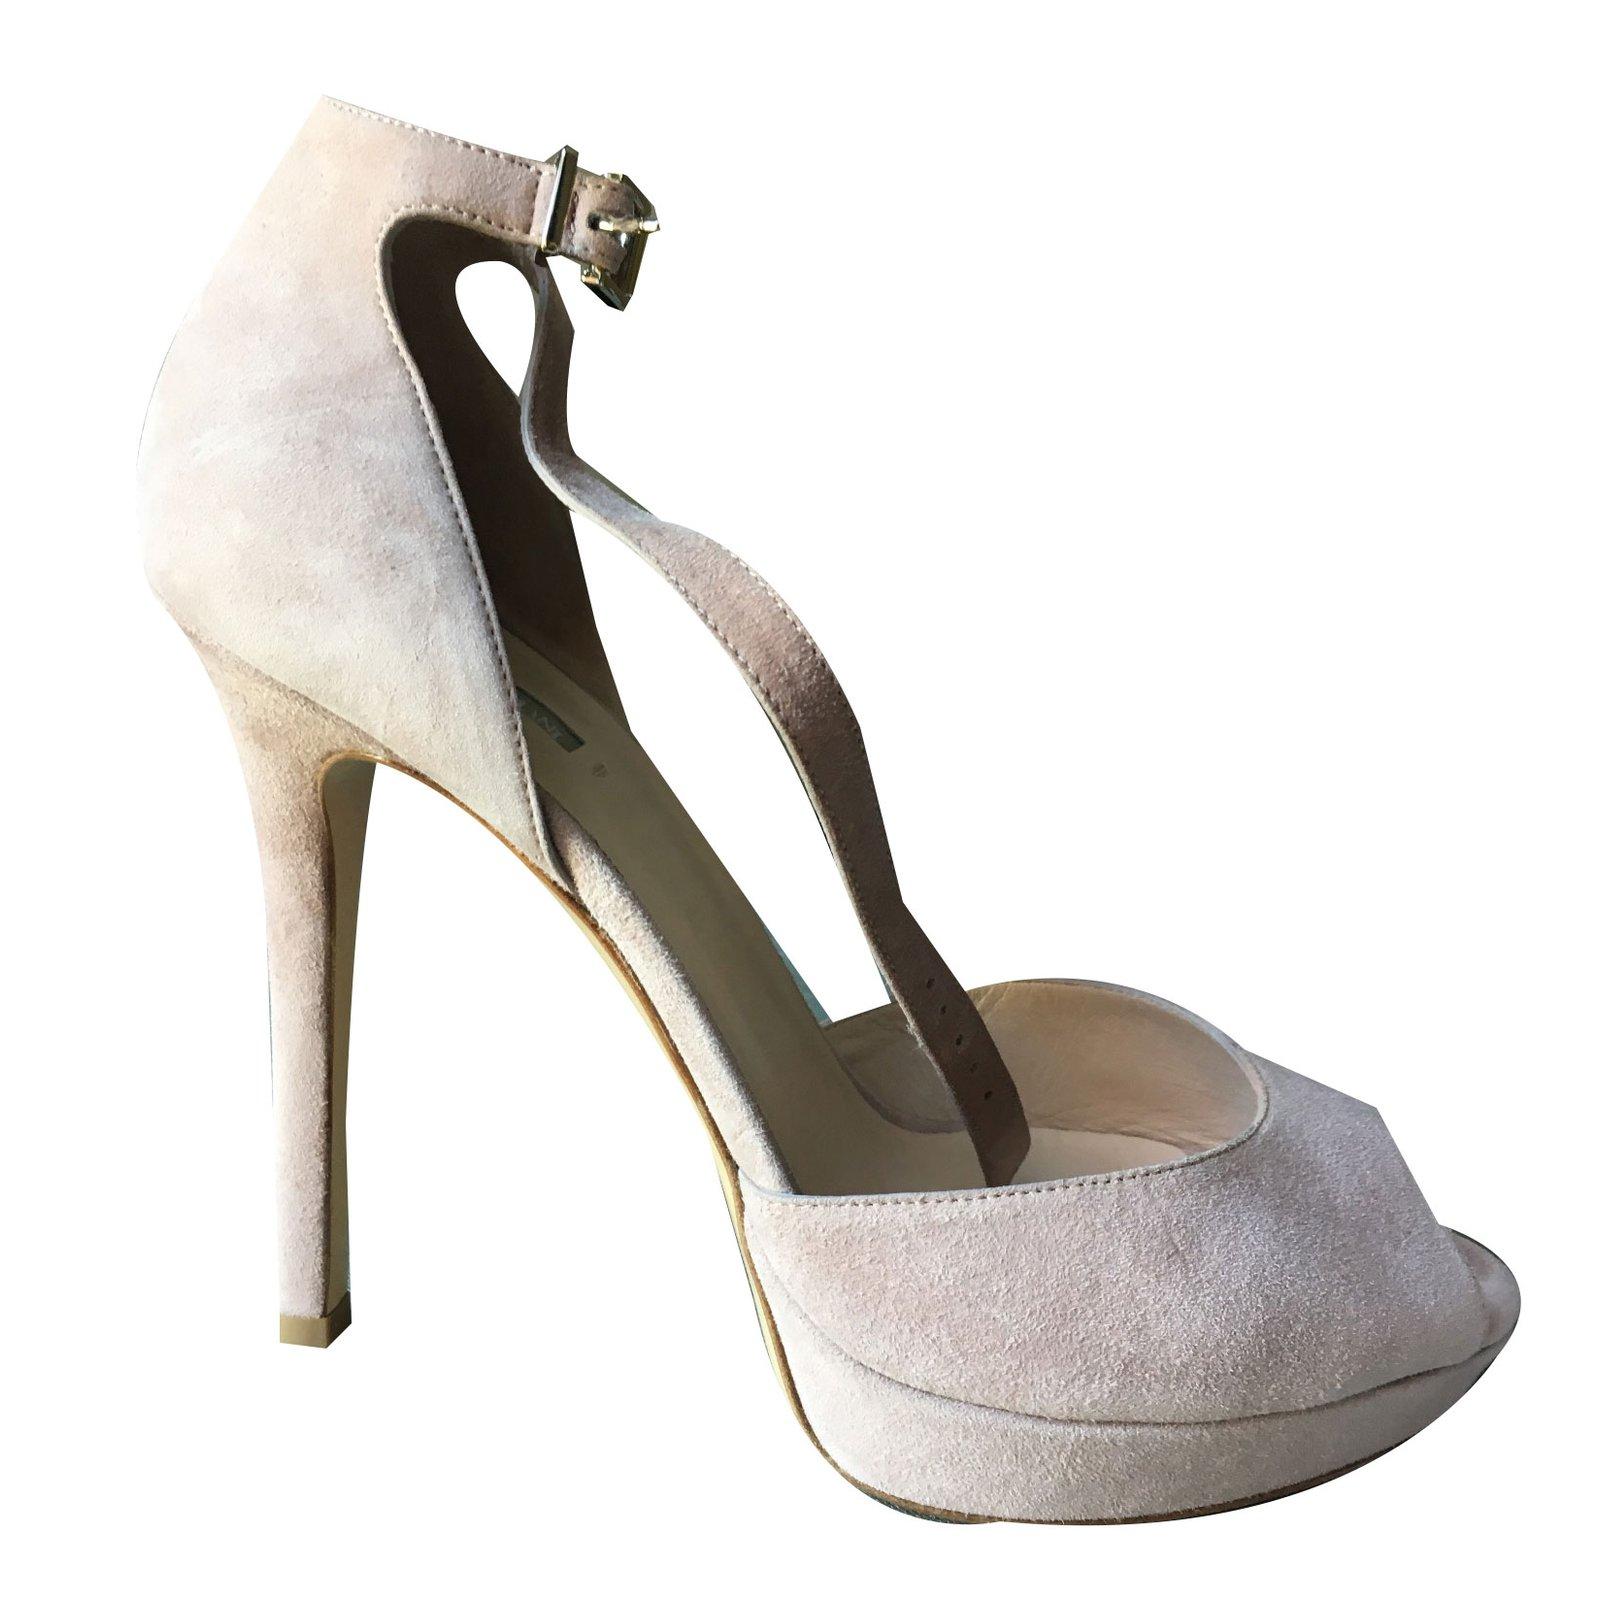 c53dc2b50adc Emporio armani heels suede pink ref joli closet armani heels jpg 1600x1600 Armani  heels